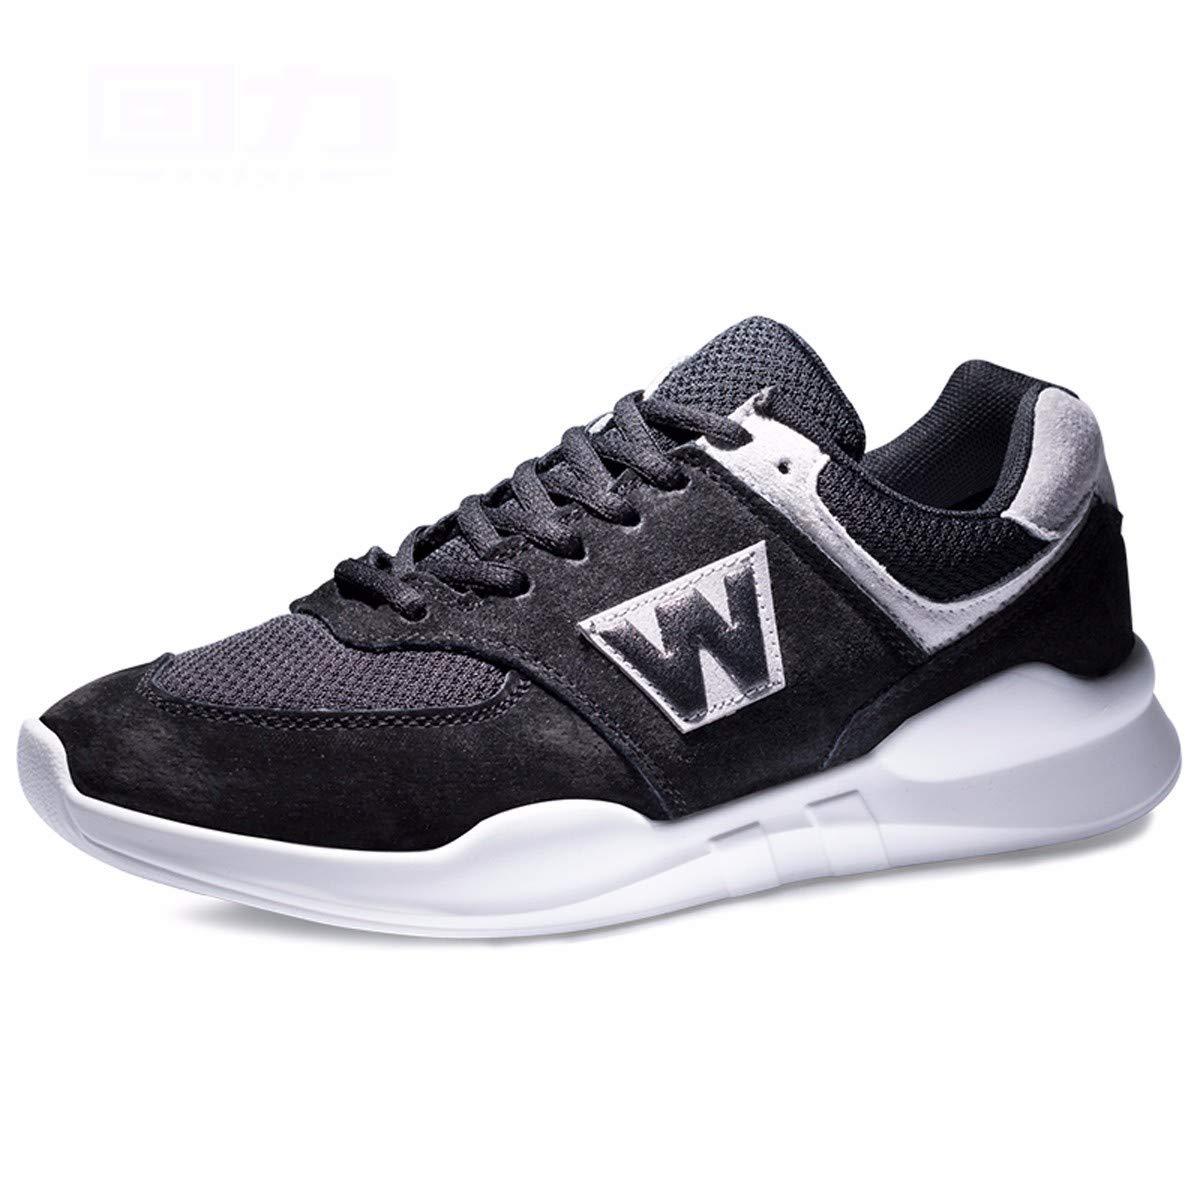 KMJBS-Frühjahr Sportschuhe Mesh - Schuhe Koreanische Mode Lässige Schuhe Mode Männer - Laufschuhe.